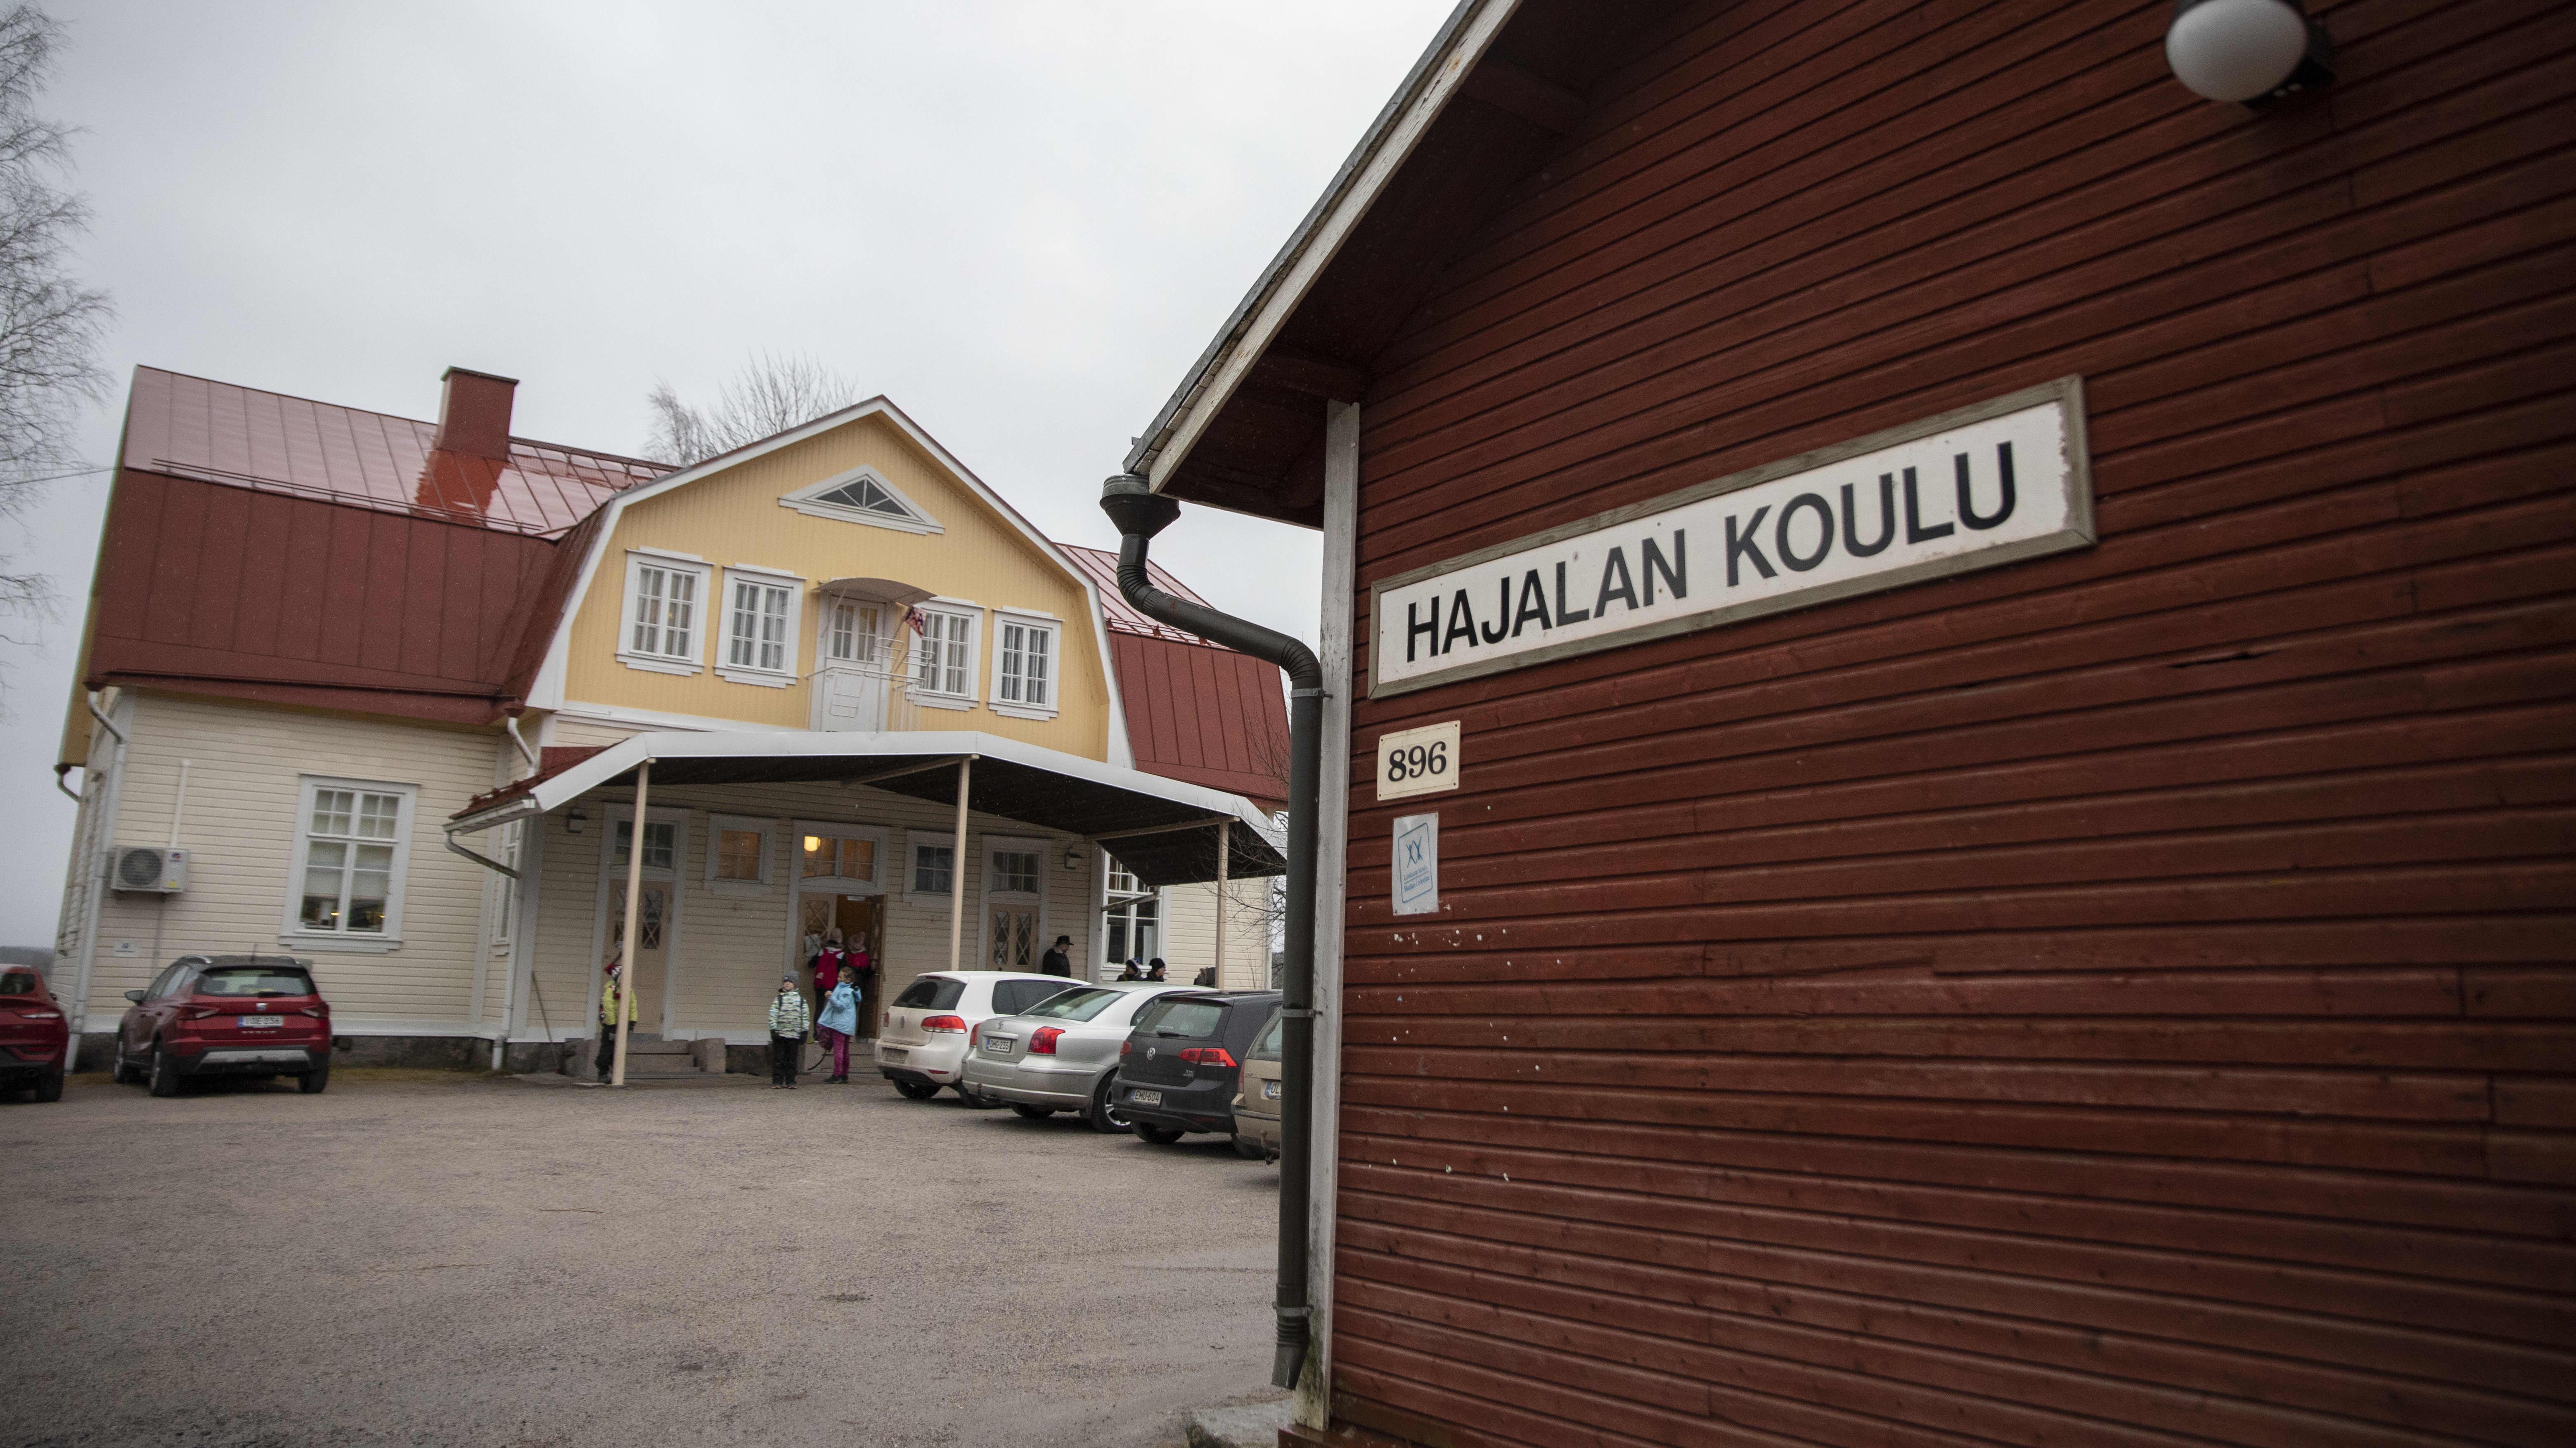 Ulkokuva Hajalan koulusta ja koulun kyltistä.